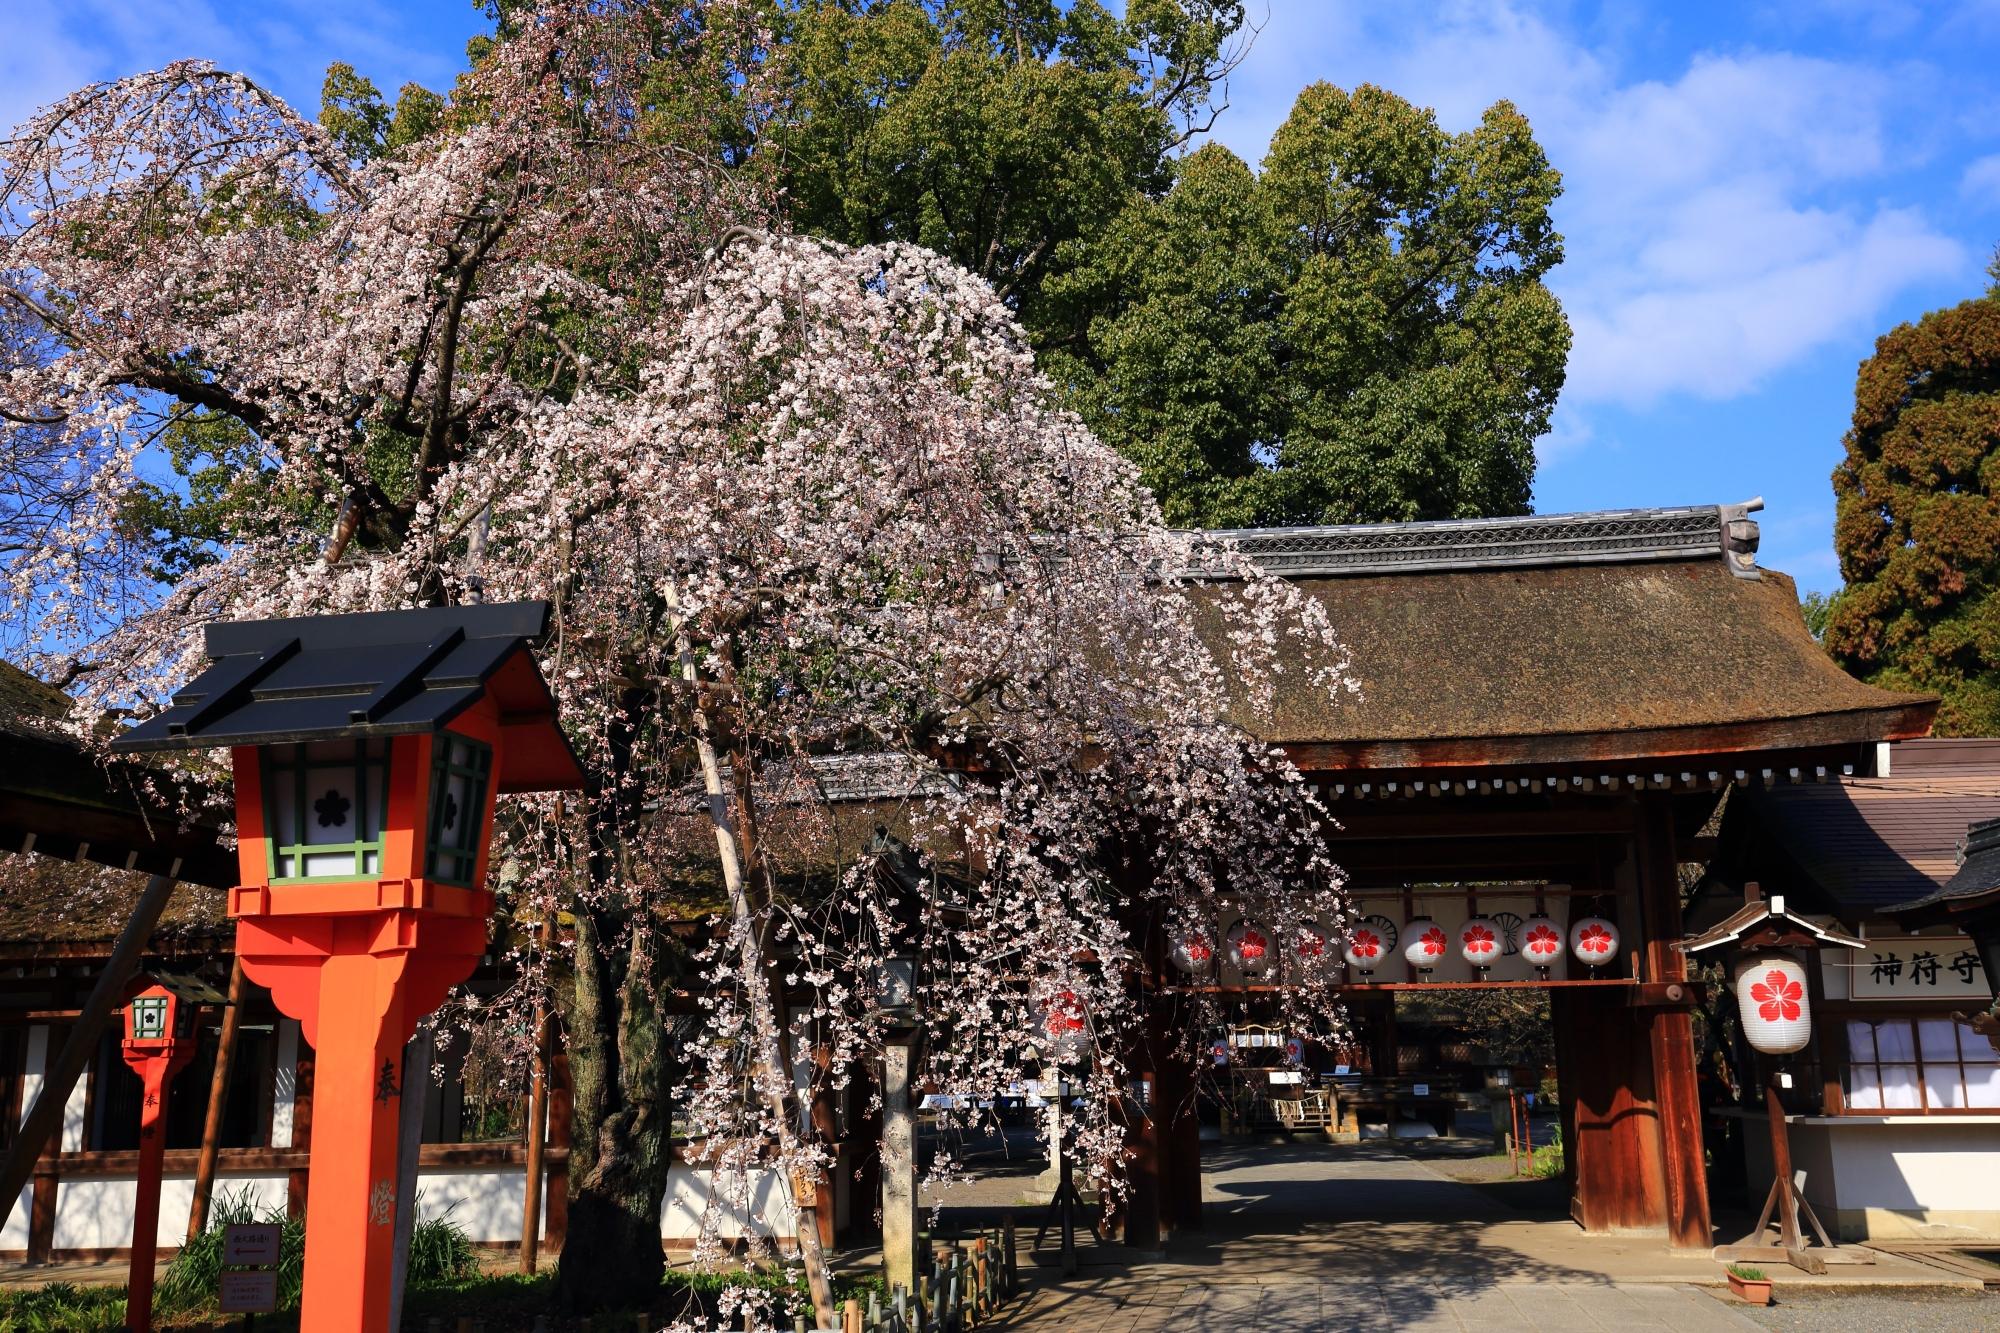 周囲の景色とも相まって風情ある桜